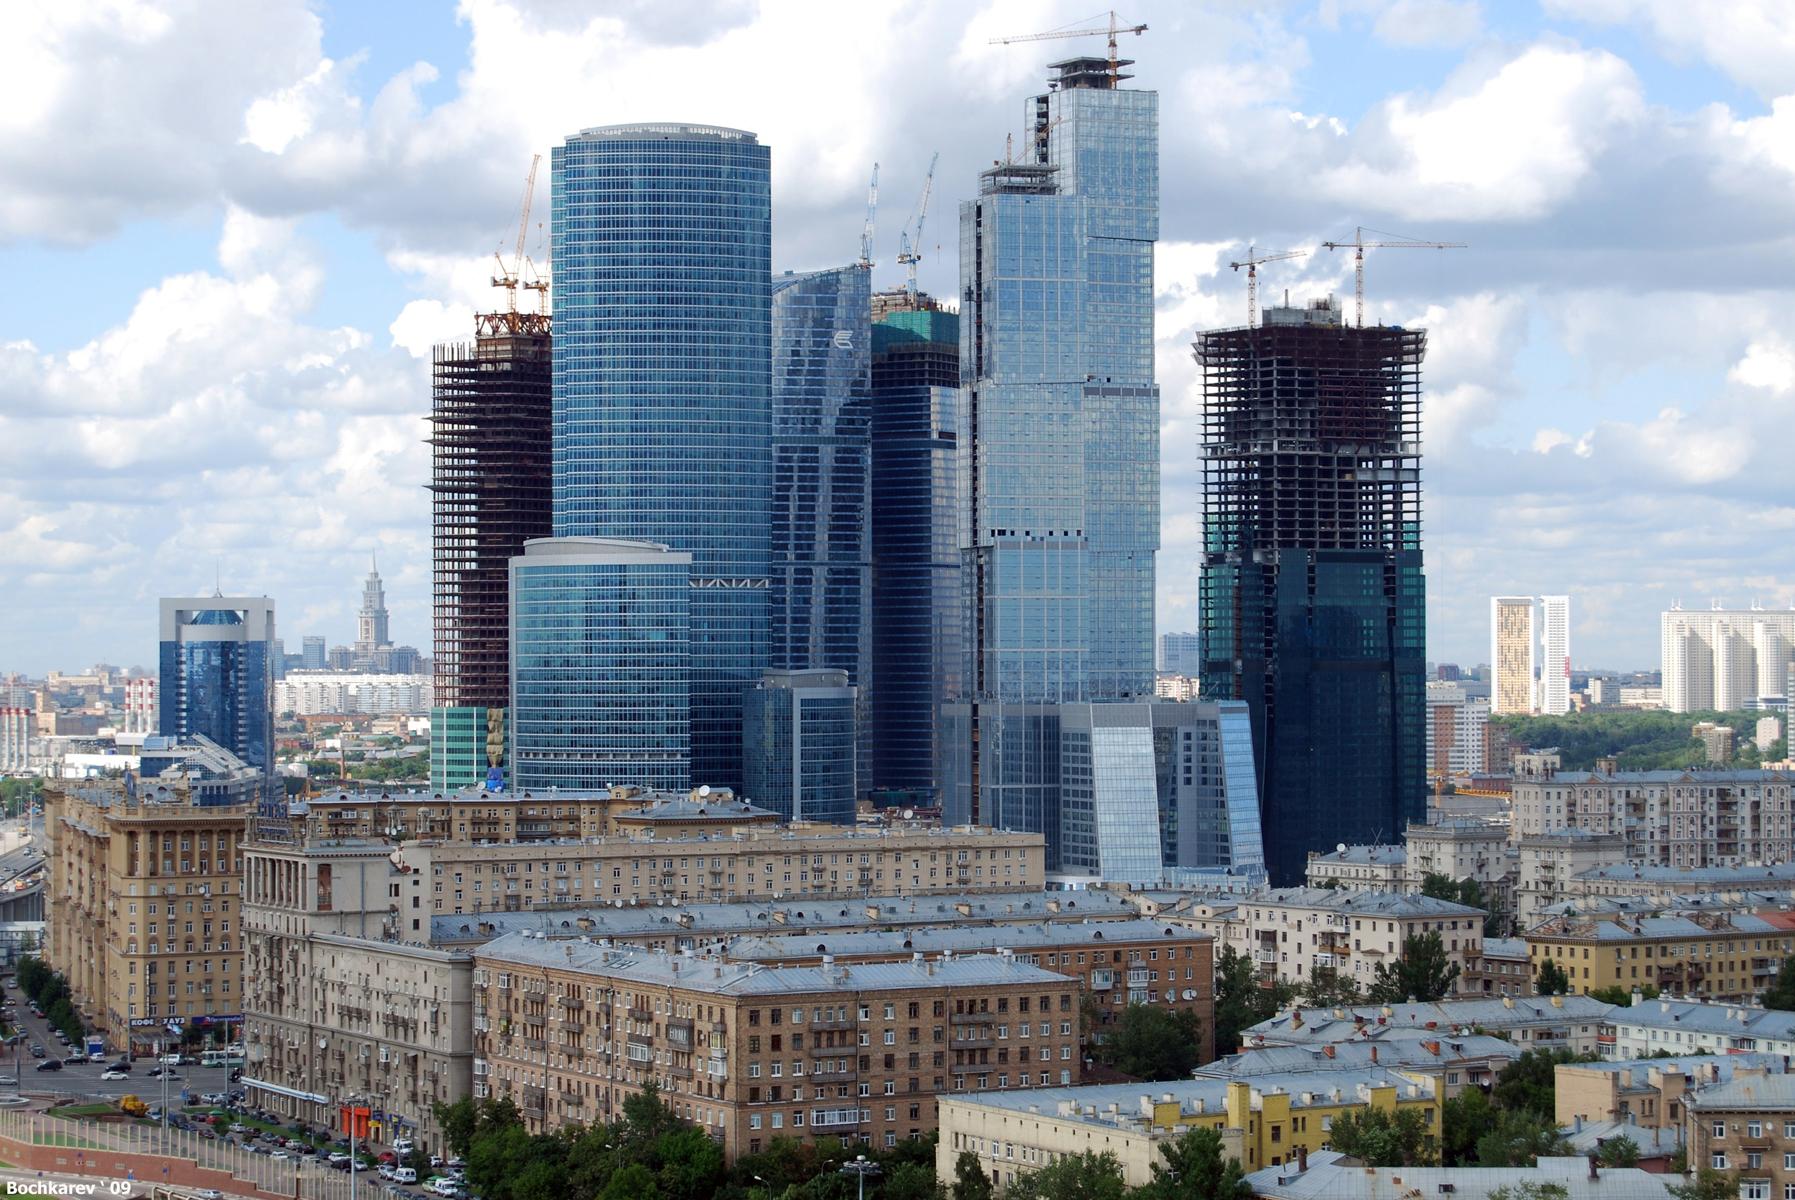 http://img-fotki.yandex.ru/get/3608/bochkarev009.17/0_10435_b436ae6e_orig